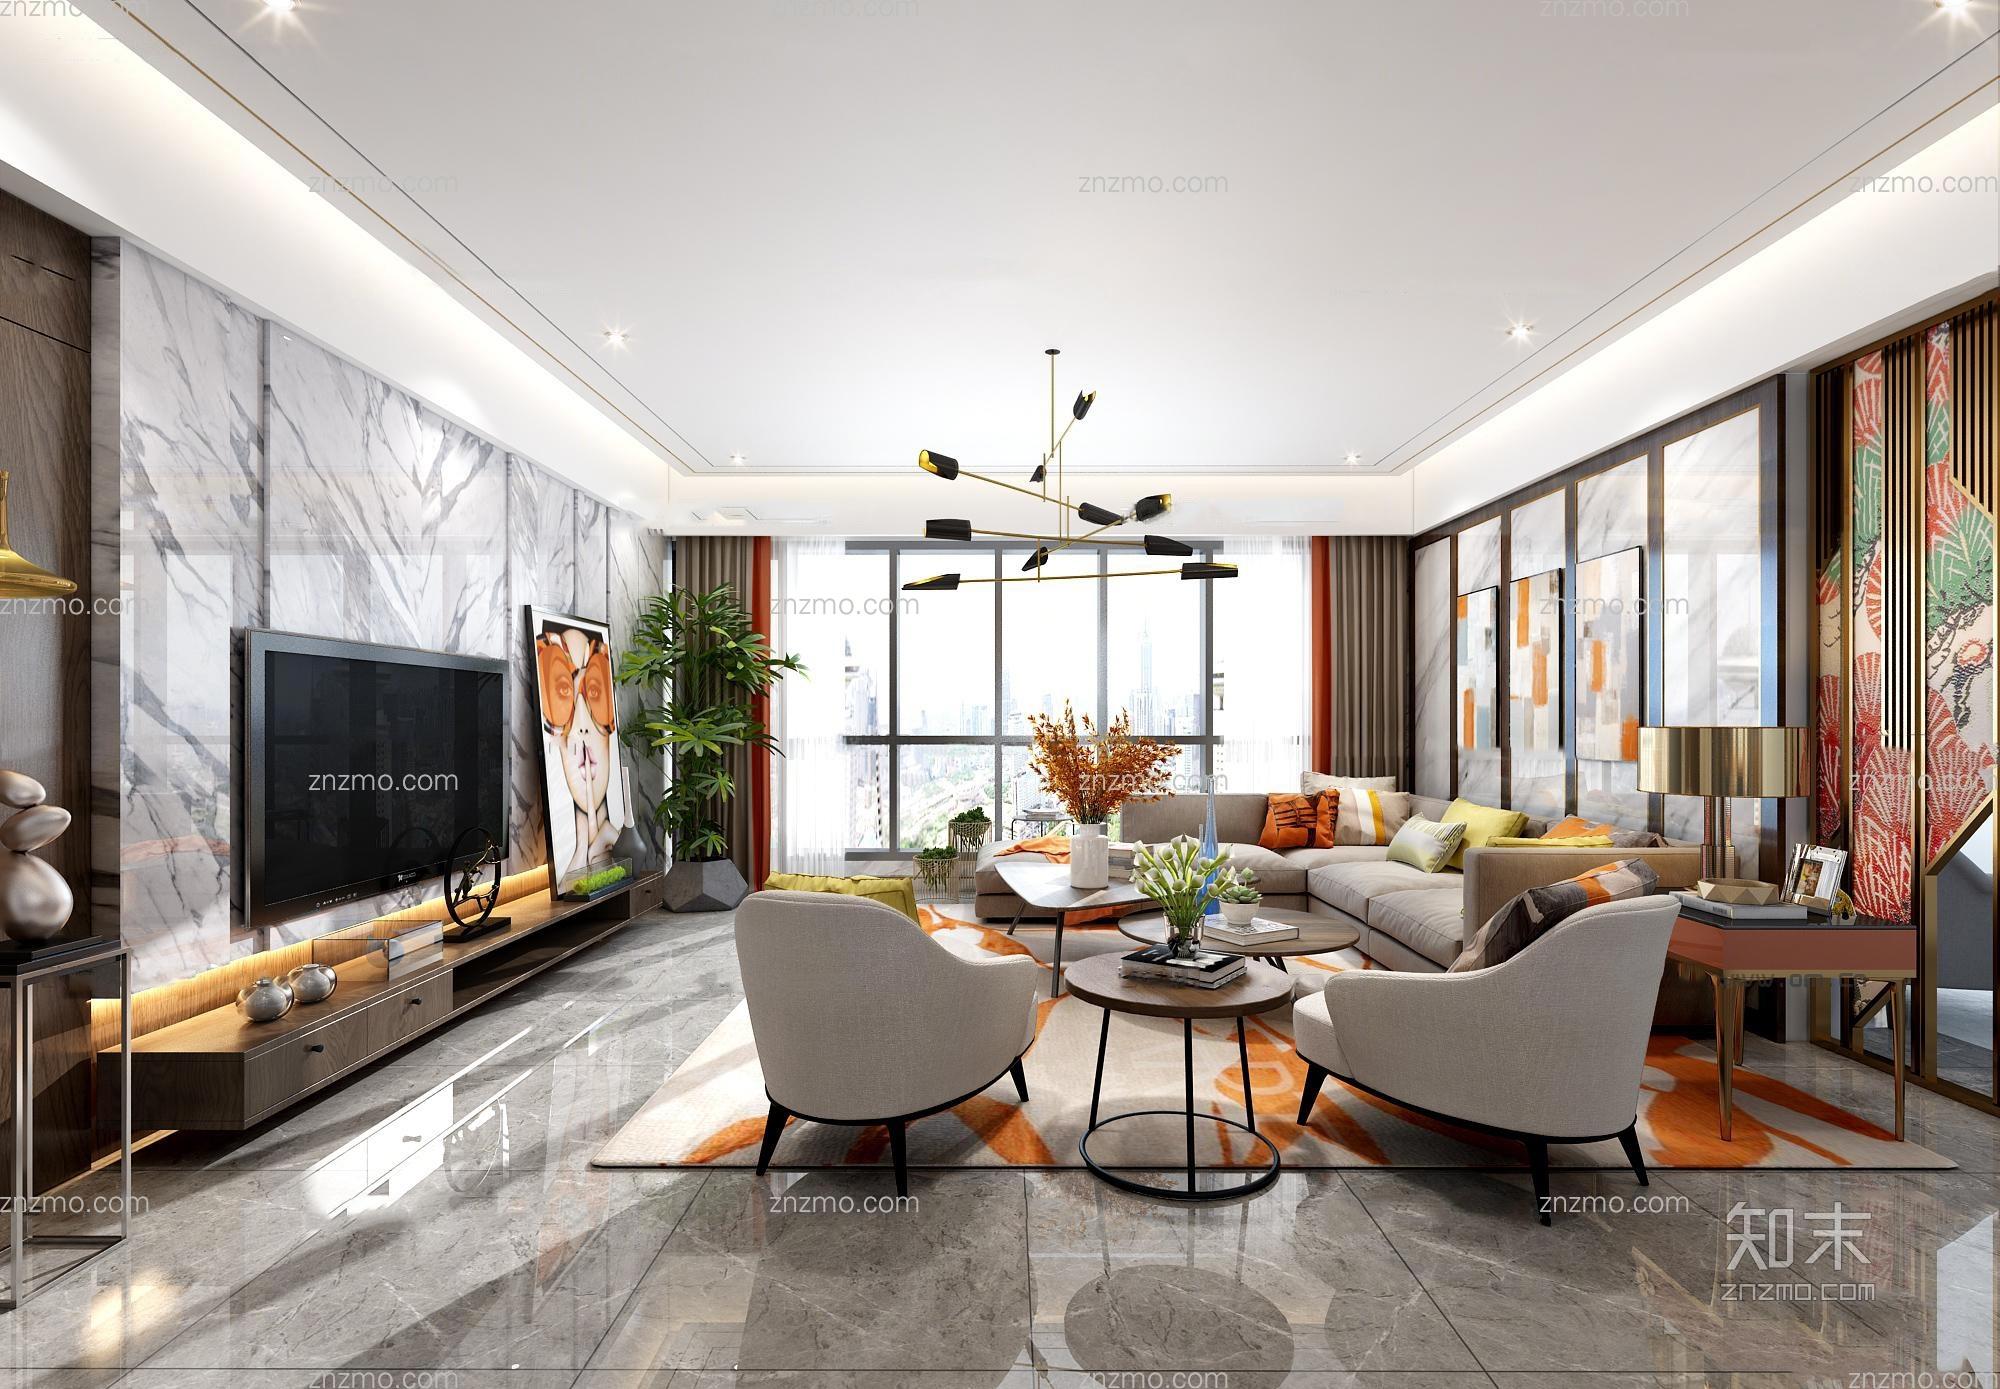 现代客厅餐厅 吊灯 沙发茶几 休闲椅 装饰画 摆件 台灯 餐桌椅